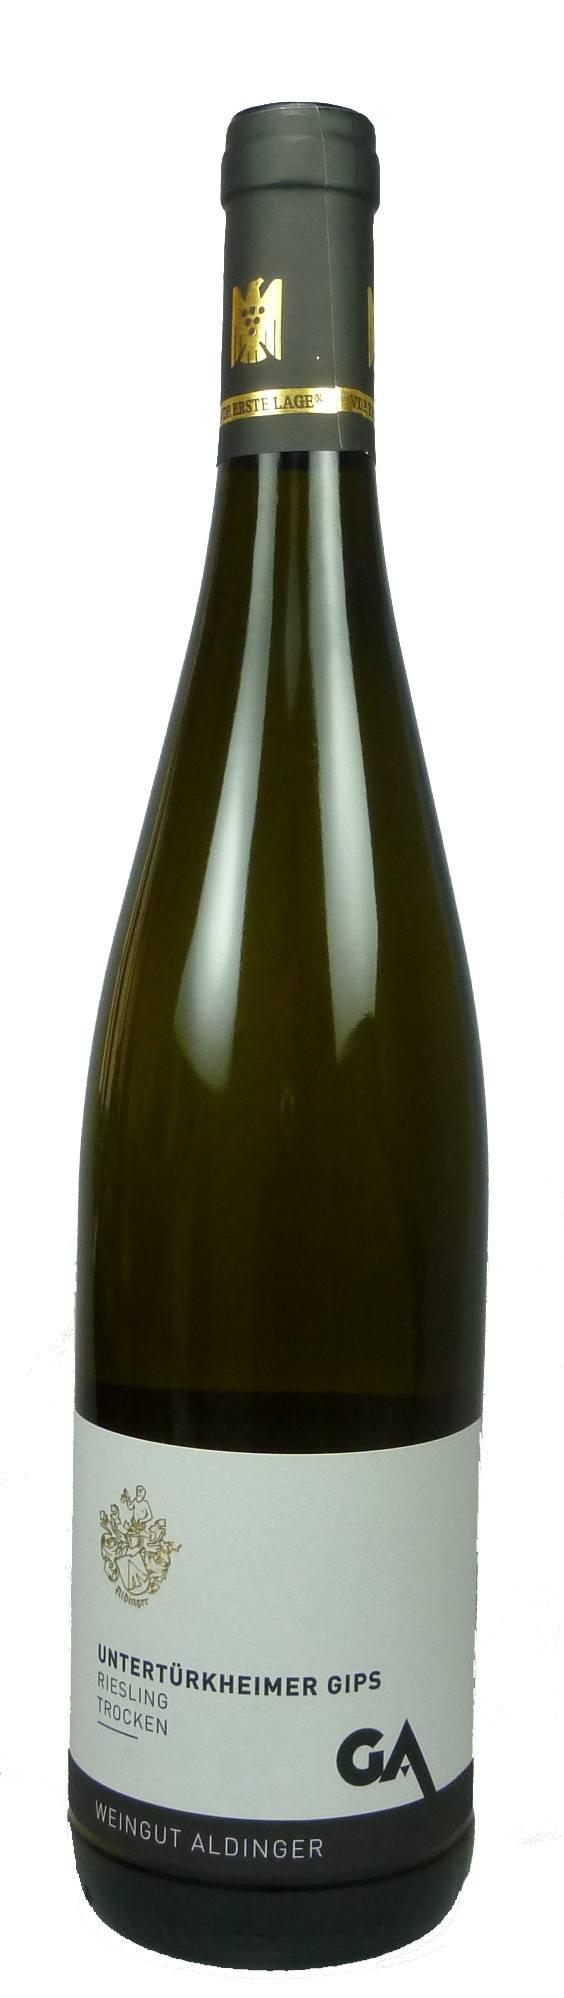 Untertürkheimer Gips Riesling Erste Lage Qualitätswein trocken 2016